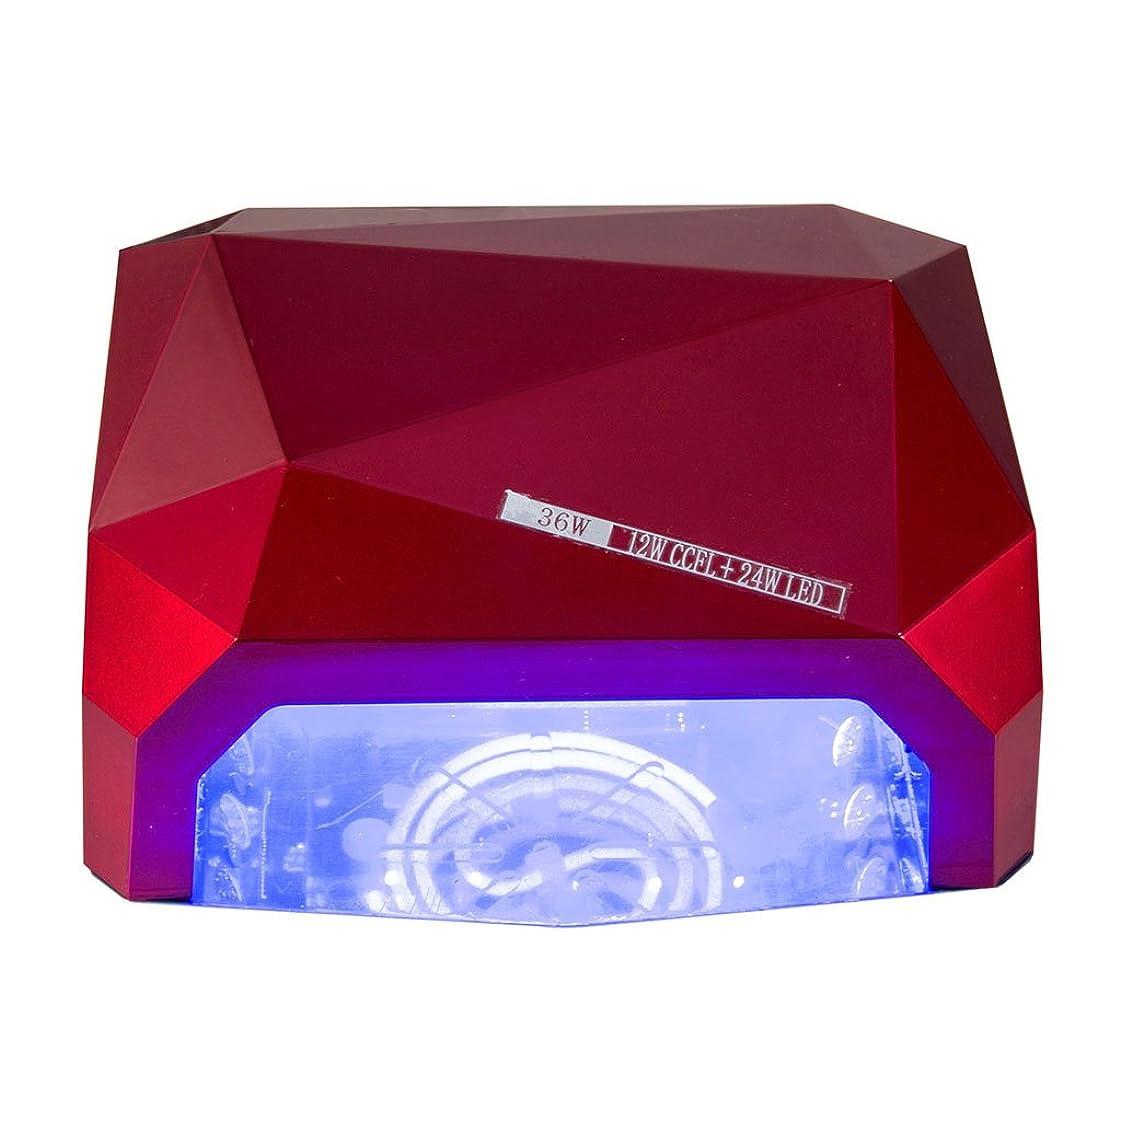 後者切り刻む歌ネイル光線療法機 ネイルドライヤー - 36Wネイルランプセンサーダイヤモンドネイルランプと磁気フロアランプ処理ランプLEDダイヤモンド光線治療装置ネイルランプ